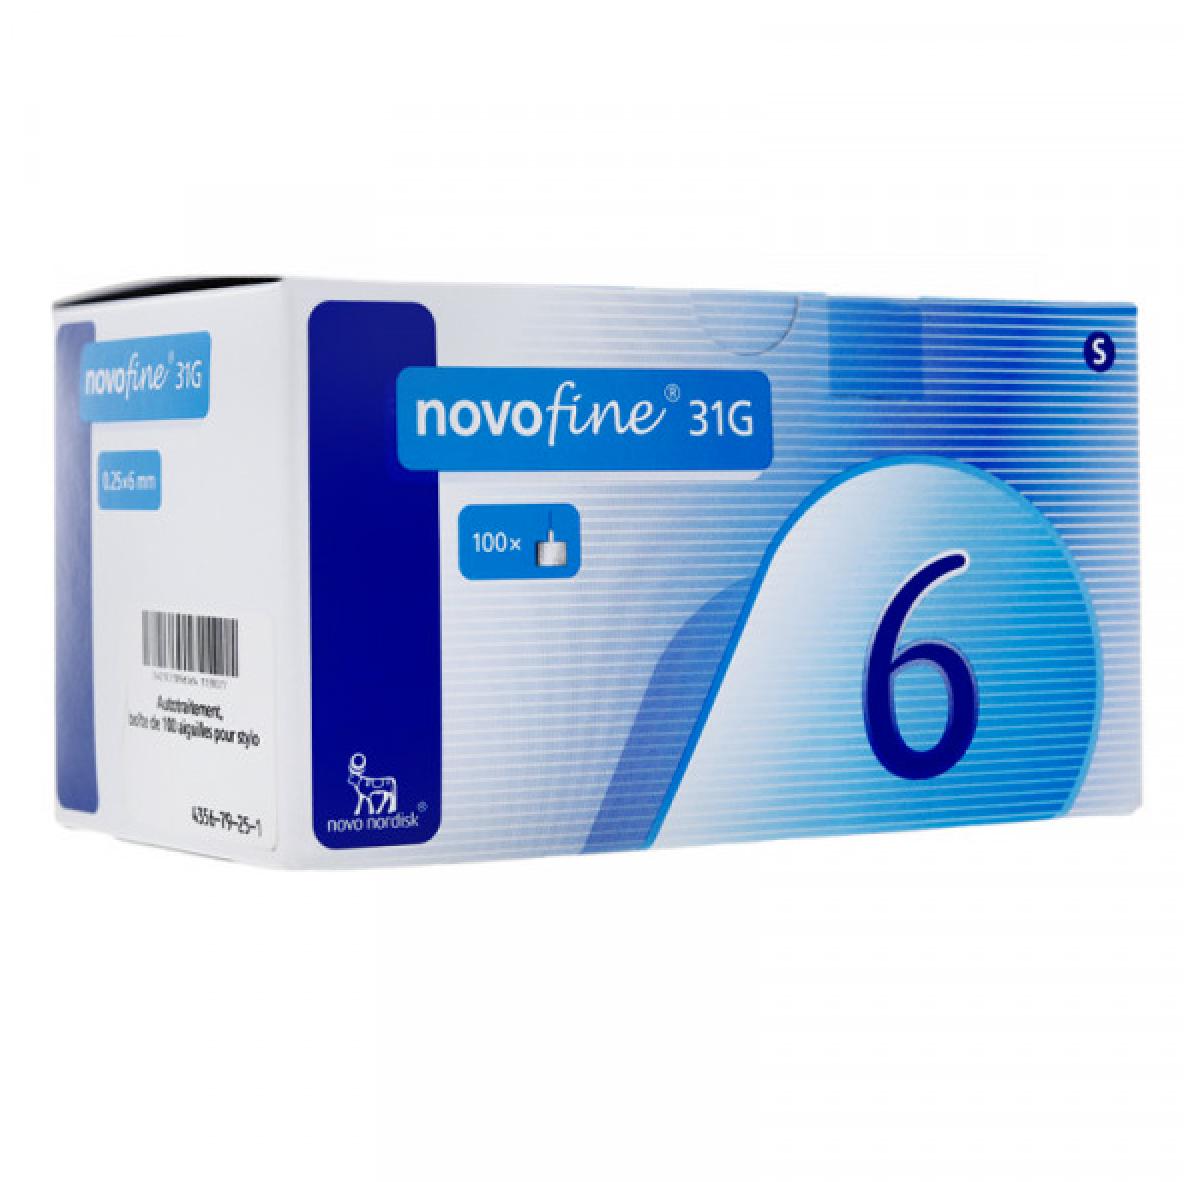 Novofine Aiguille 31 G Pour Stylo A Insuline 6 Mm X 100